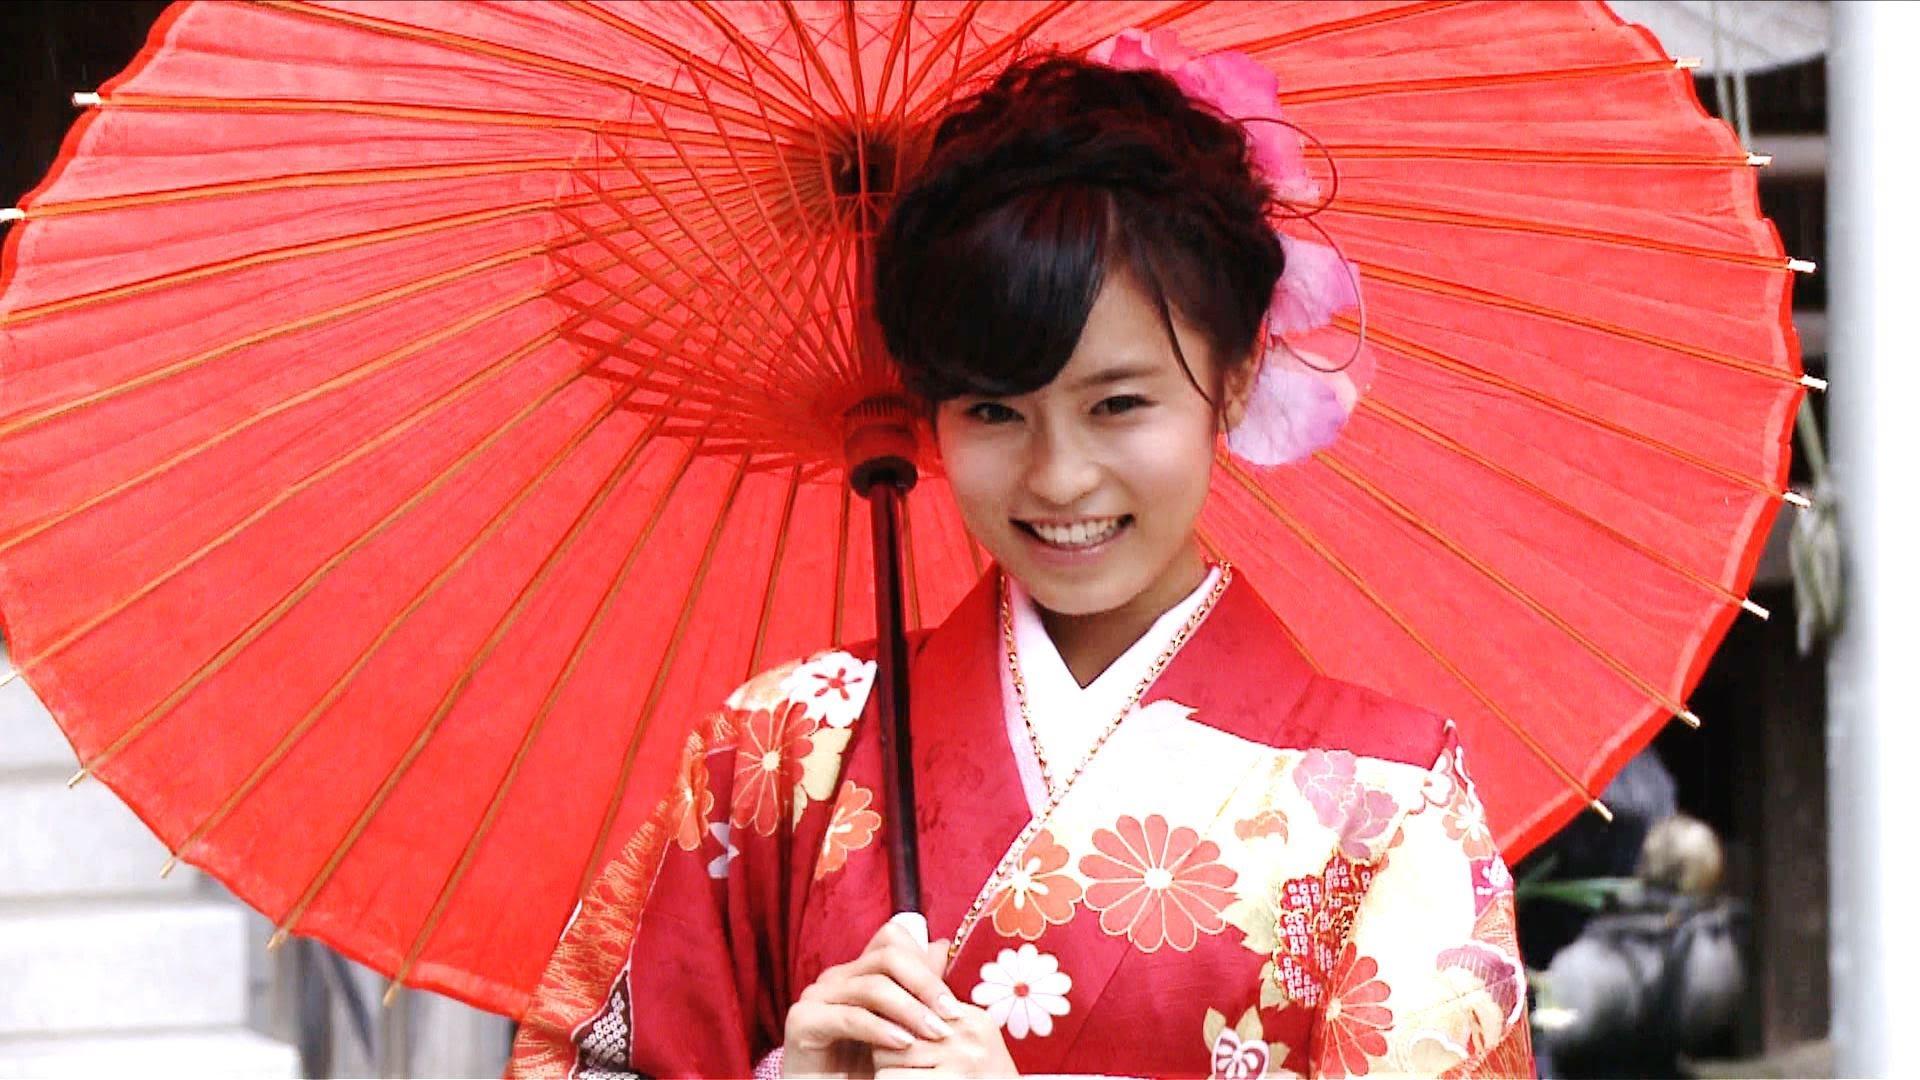 賢くて可愛い小島瑠璃子さん。その魅力を画像と動画でお届け!のサムネイル画像